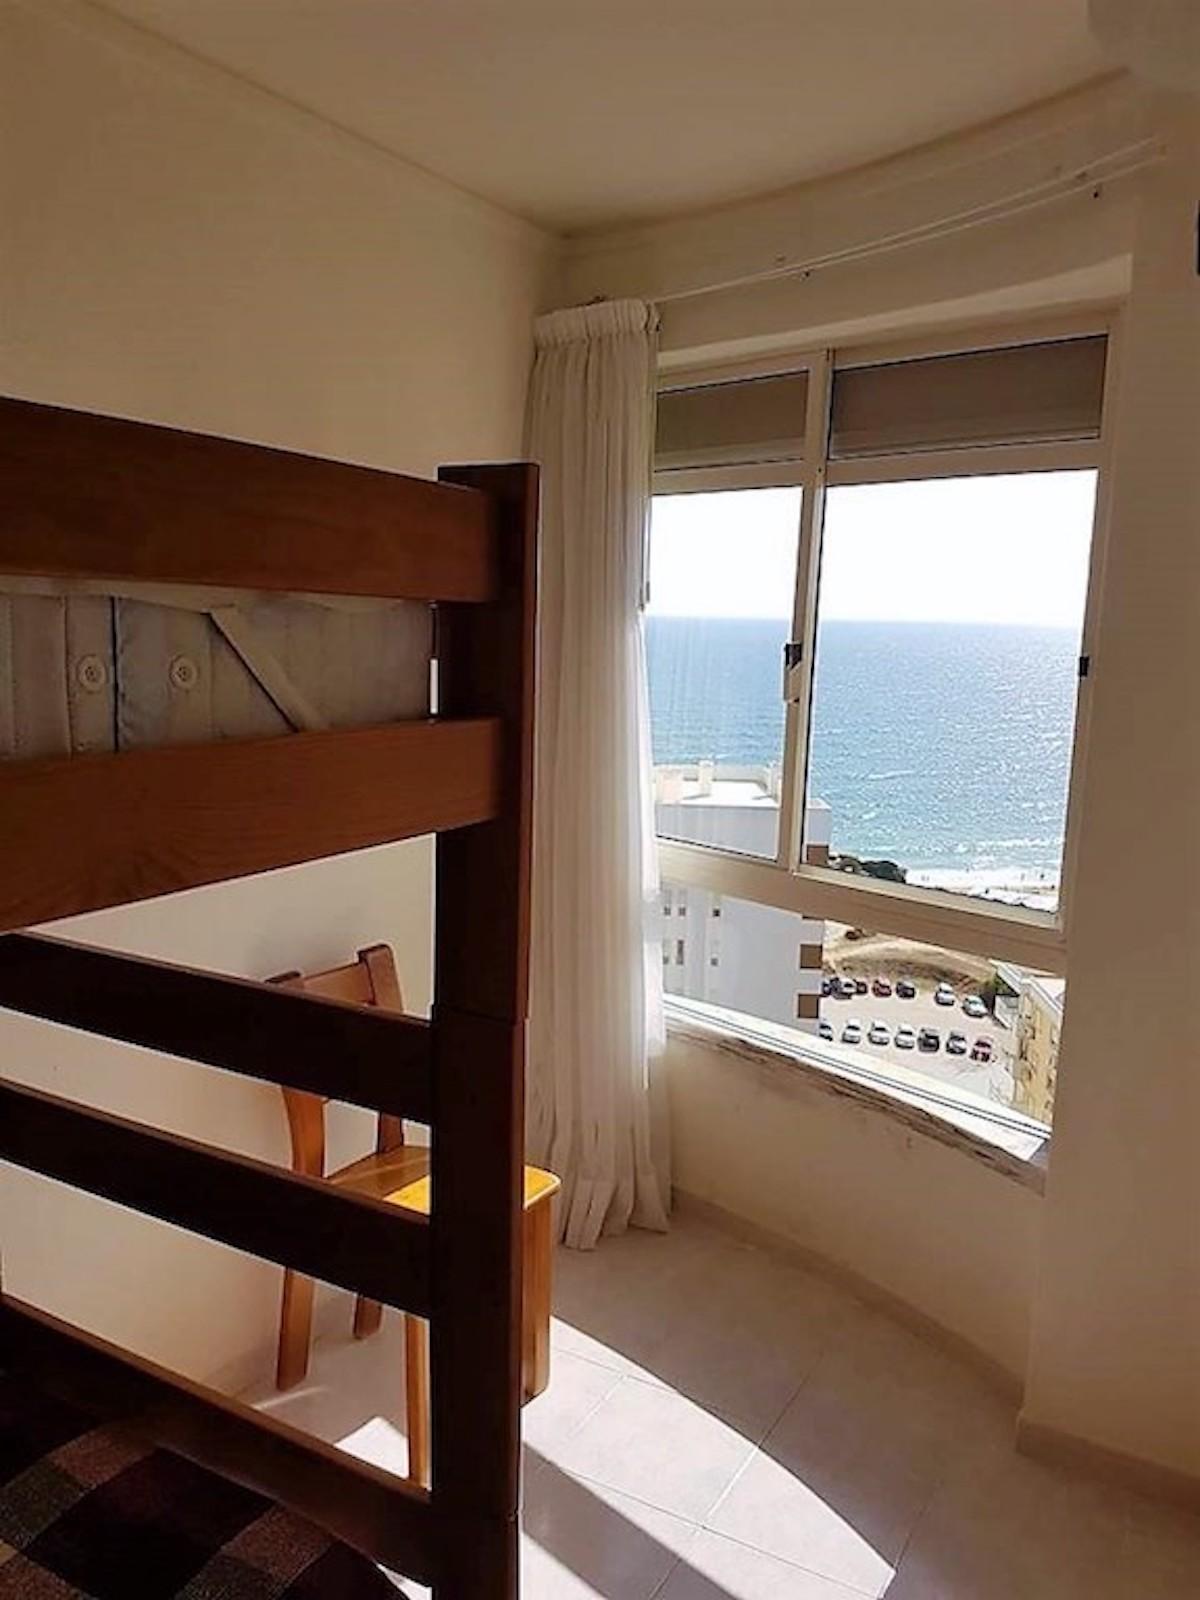 1-bedroom apartment in Alporchinhos/Armação de Pêra a few steps from the beach